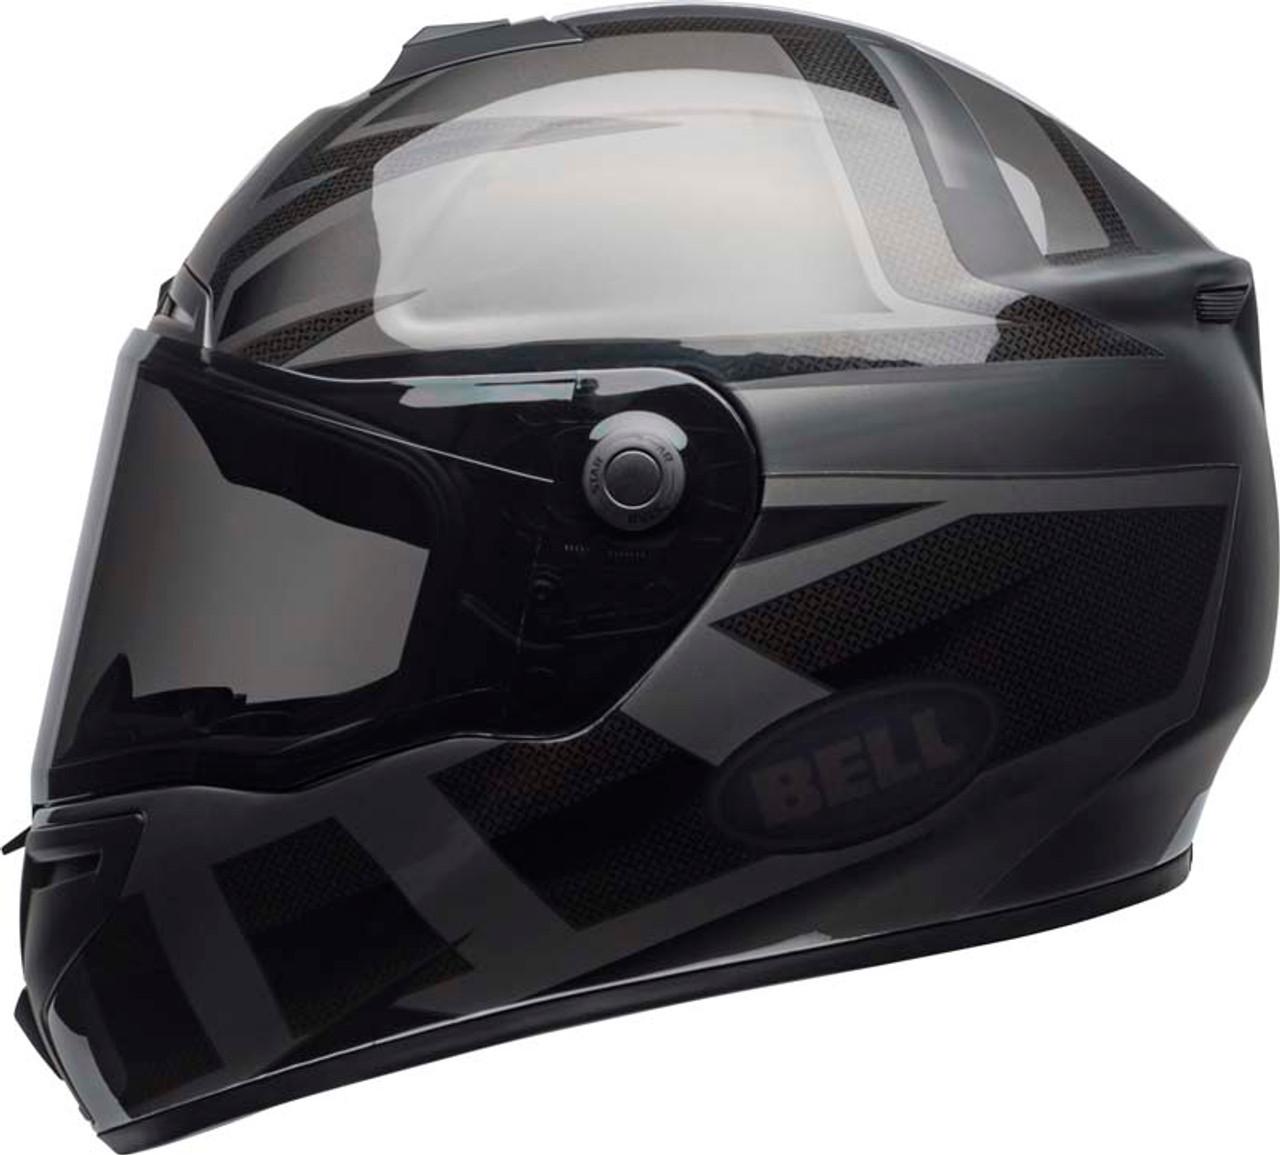 Bell Helmet srt predator blackout black matt//gloss s